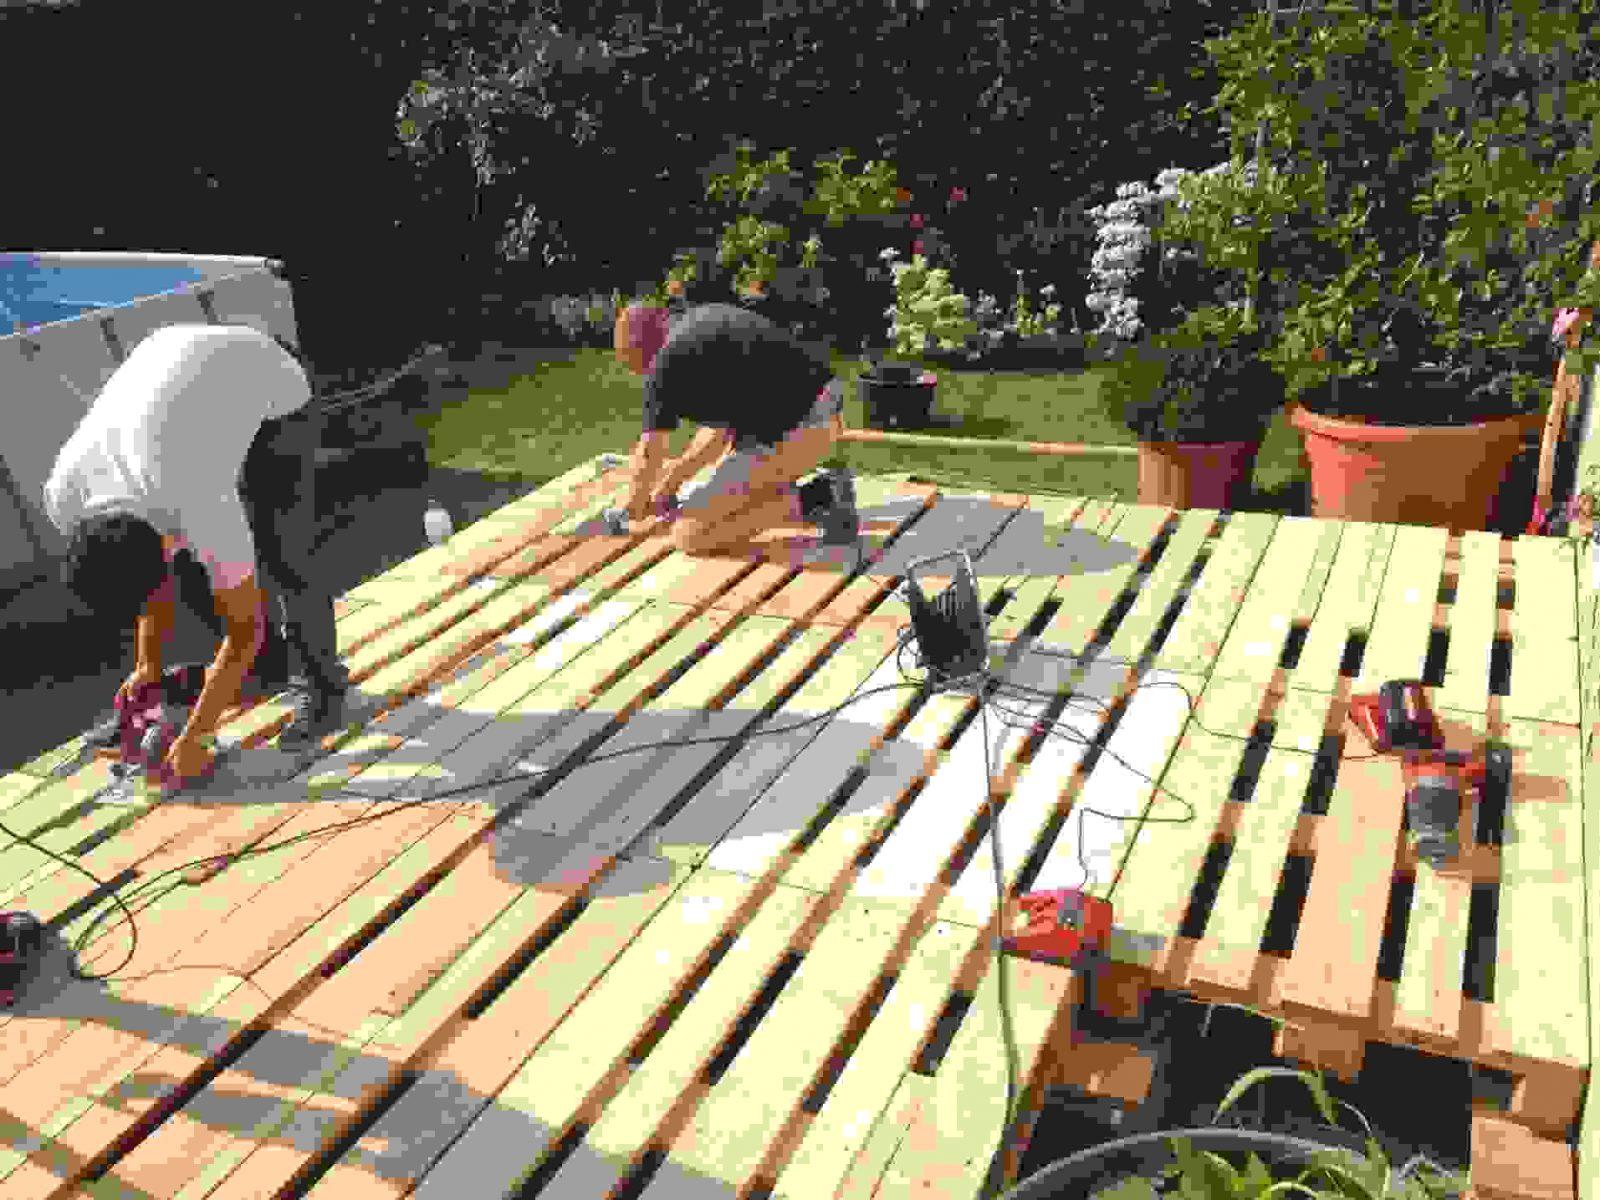 Frisch 40 Sichtschutz Aus Paletten Selber Bauen Designideen von Sichtschutz Aus Paletten Selber Bauen Photo